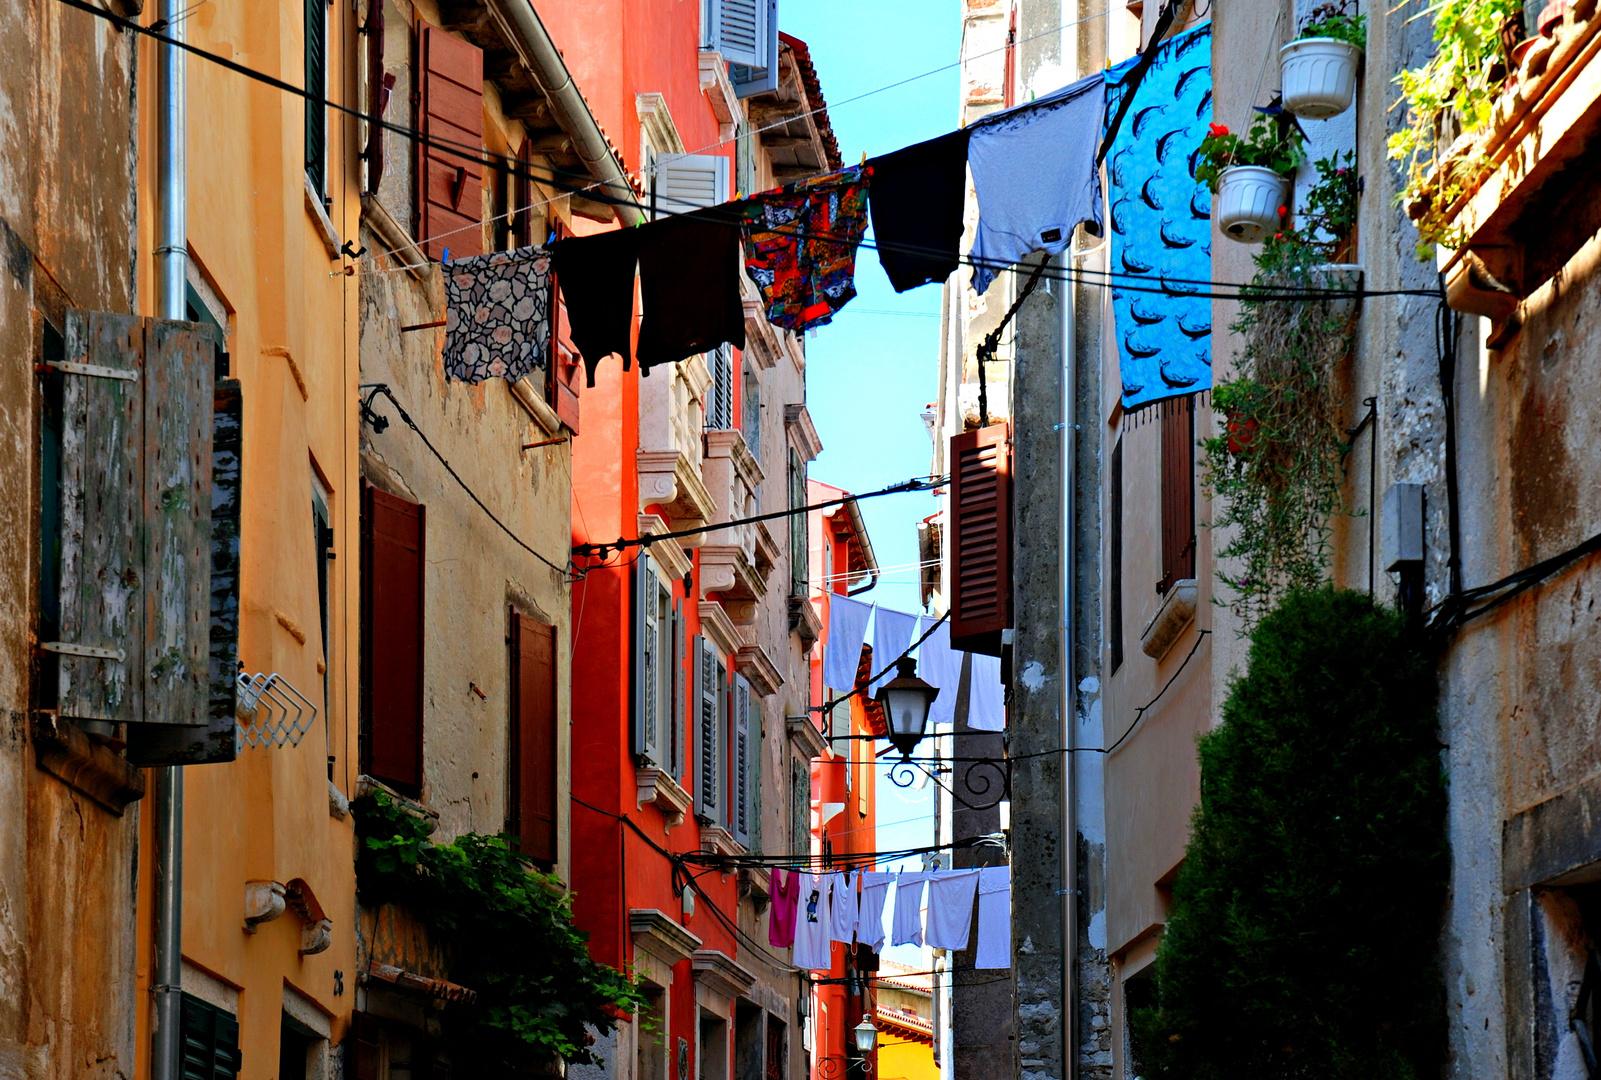 Der italienische Einfluss ist unverkennbar